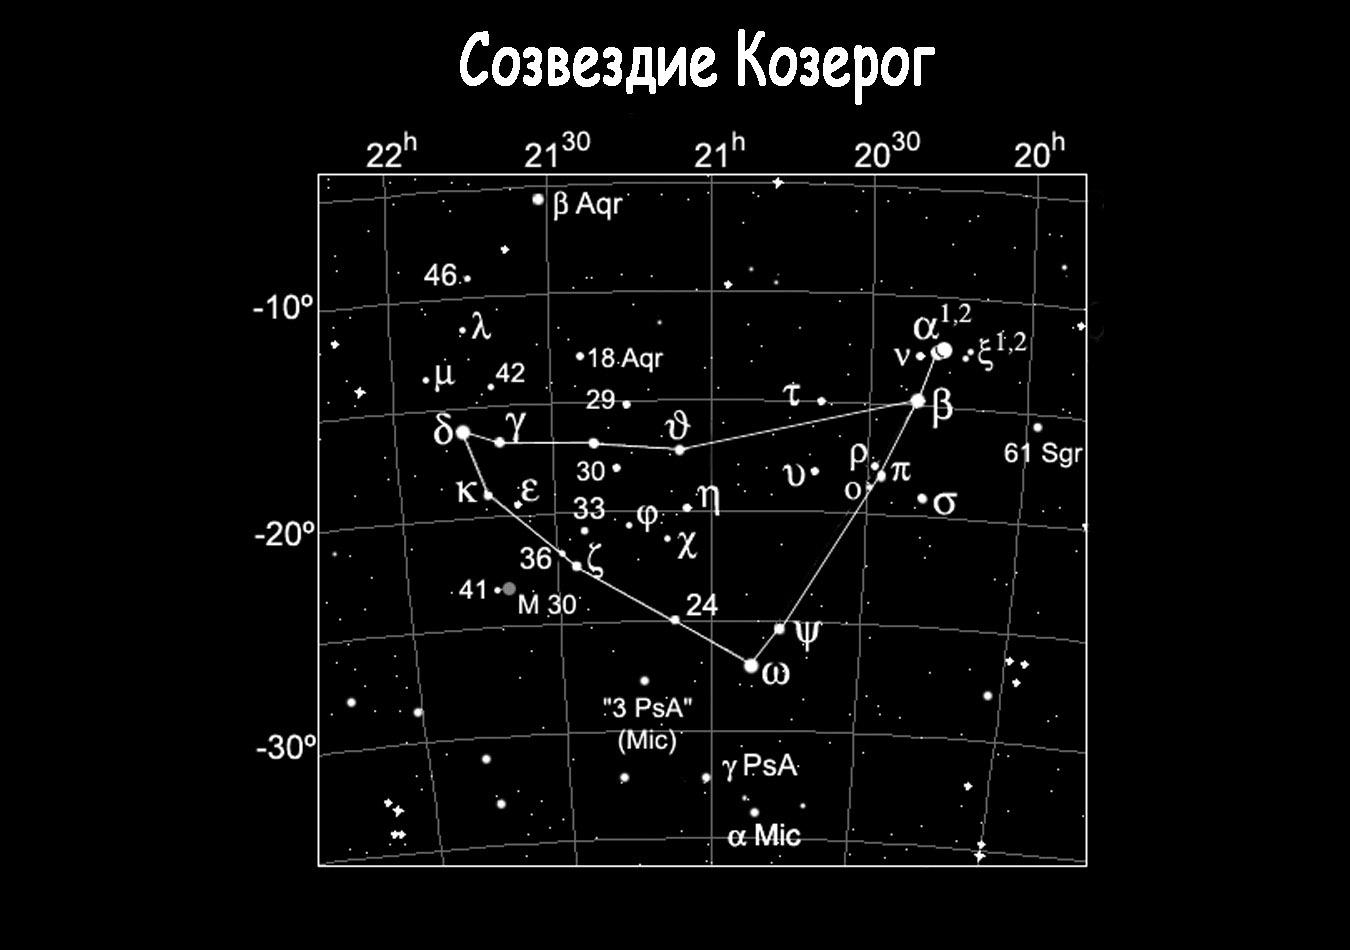 картинки козерога созвездие